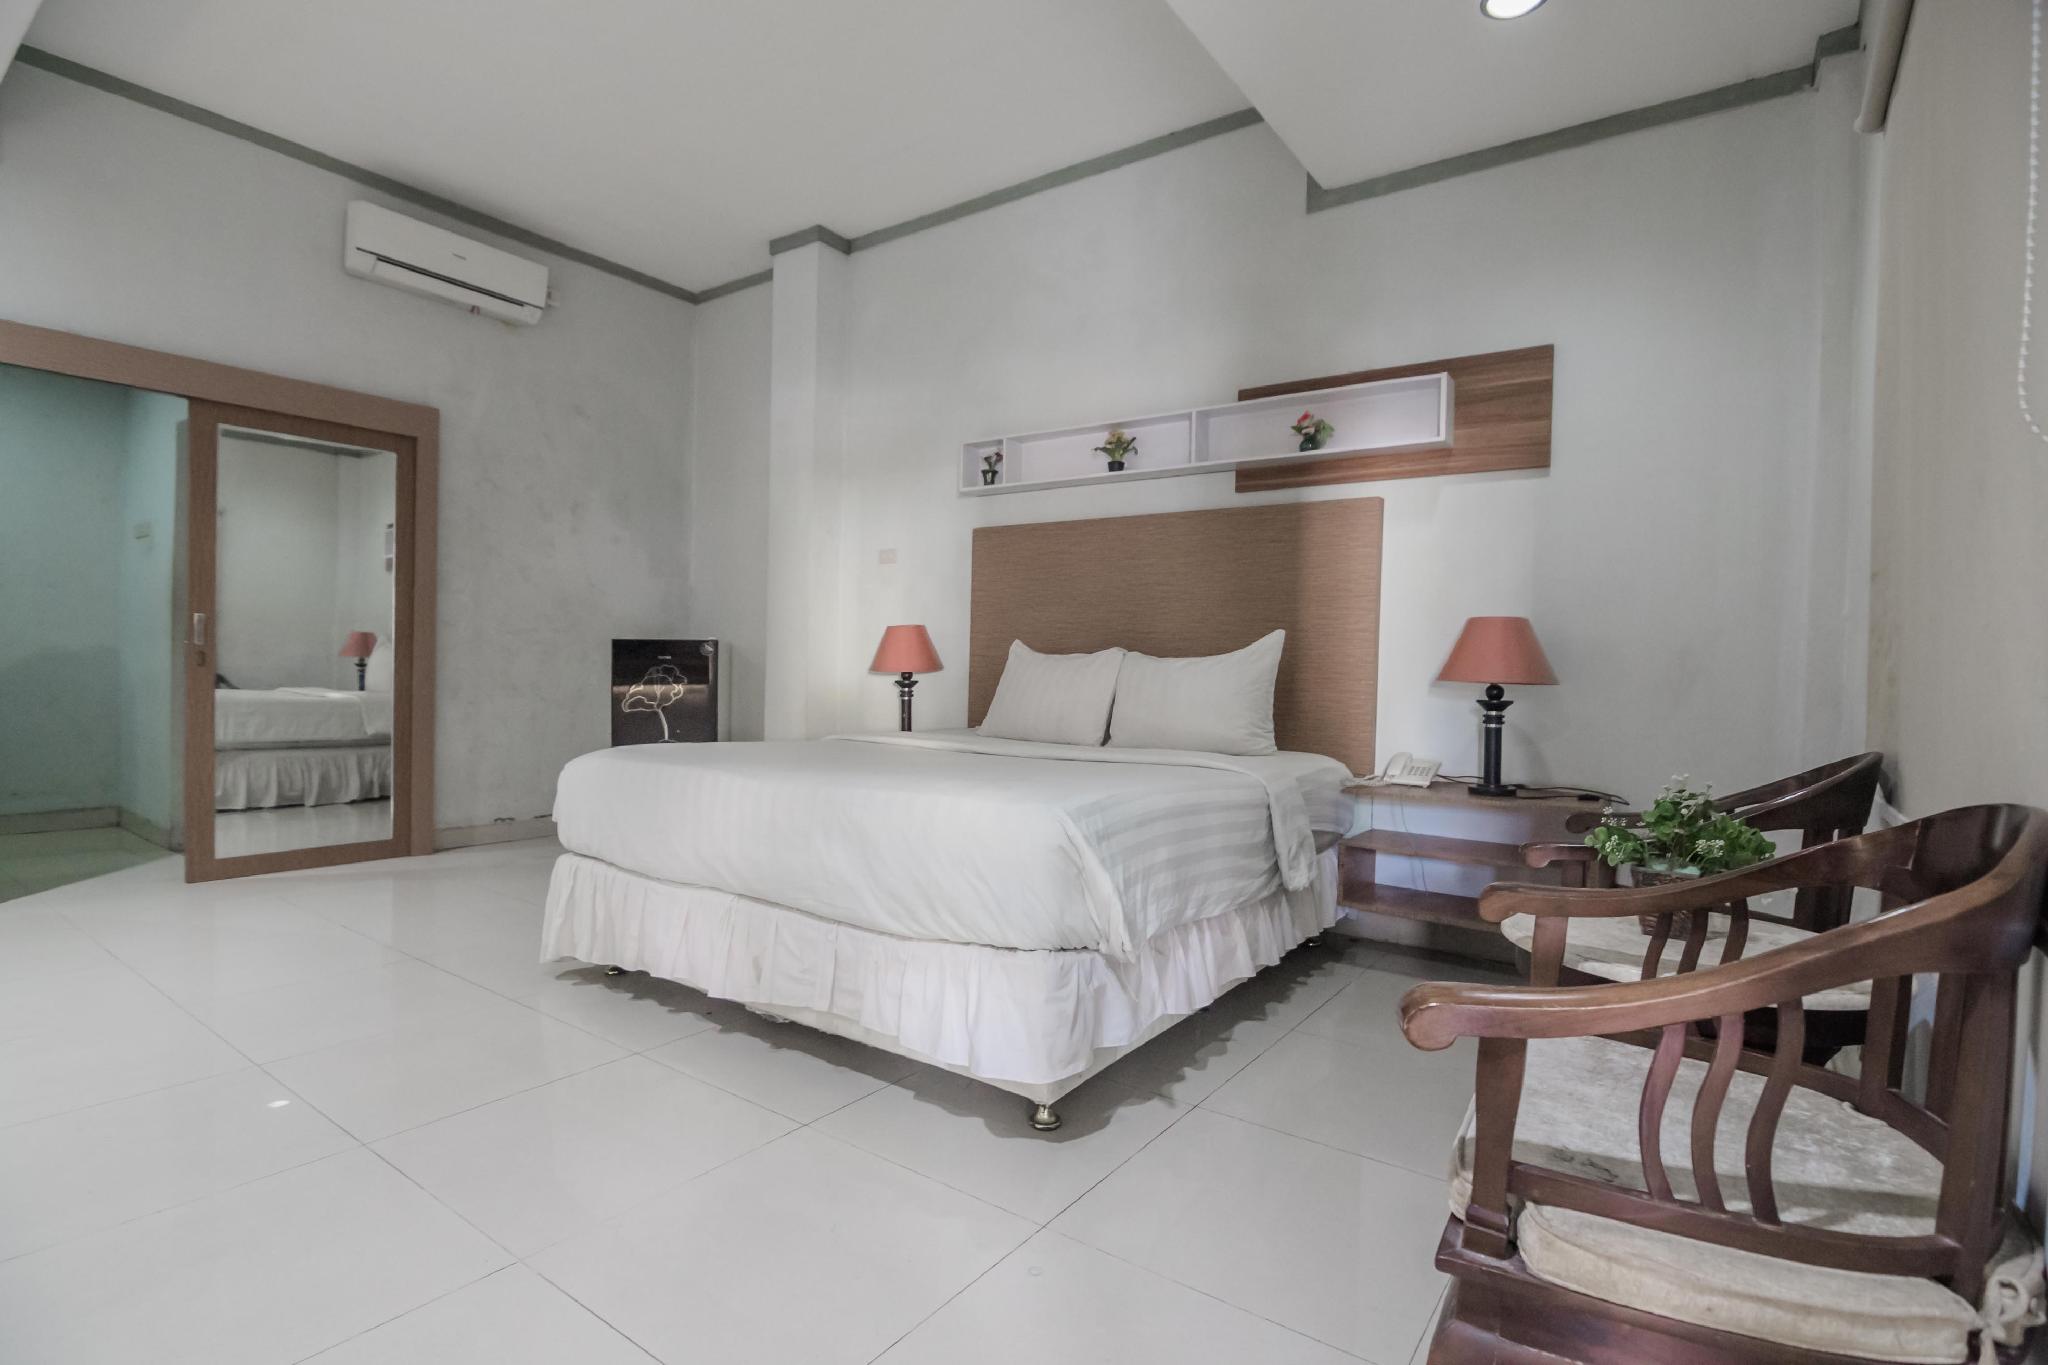 Hotel Regen, Banjarmasin